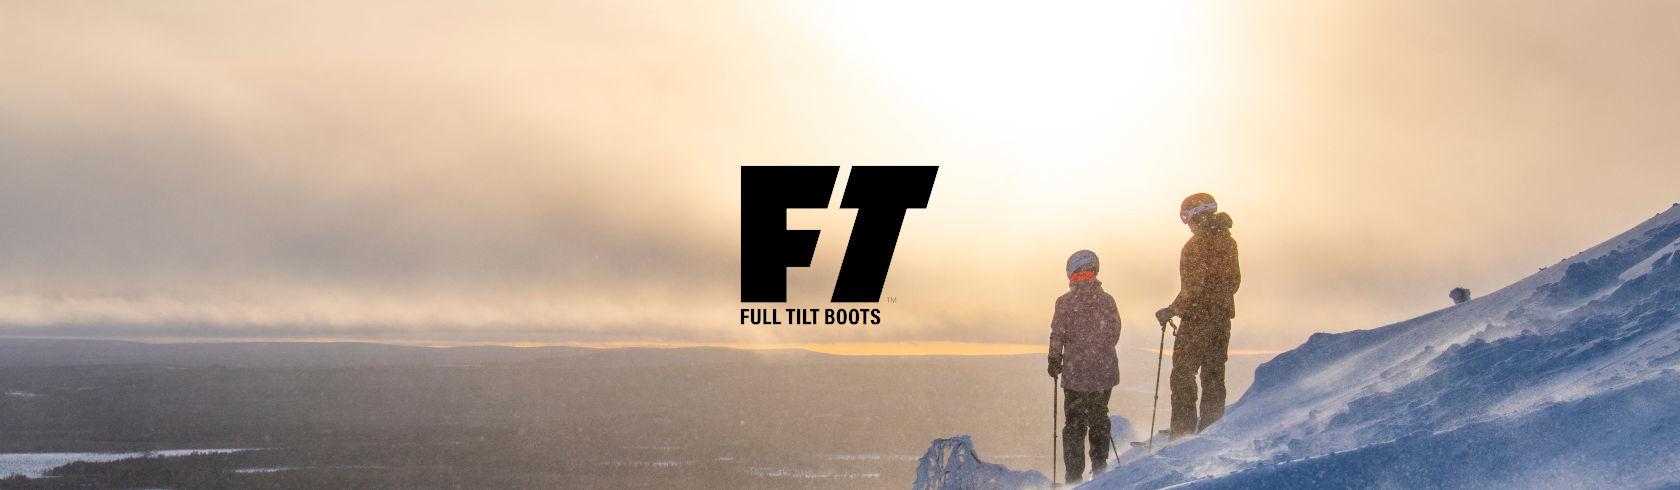 Full Tilt ski boots brand logo